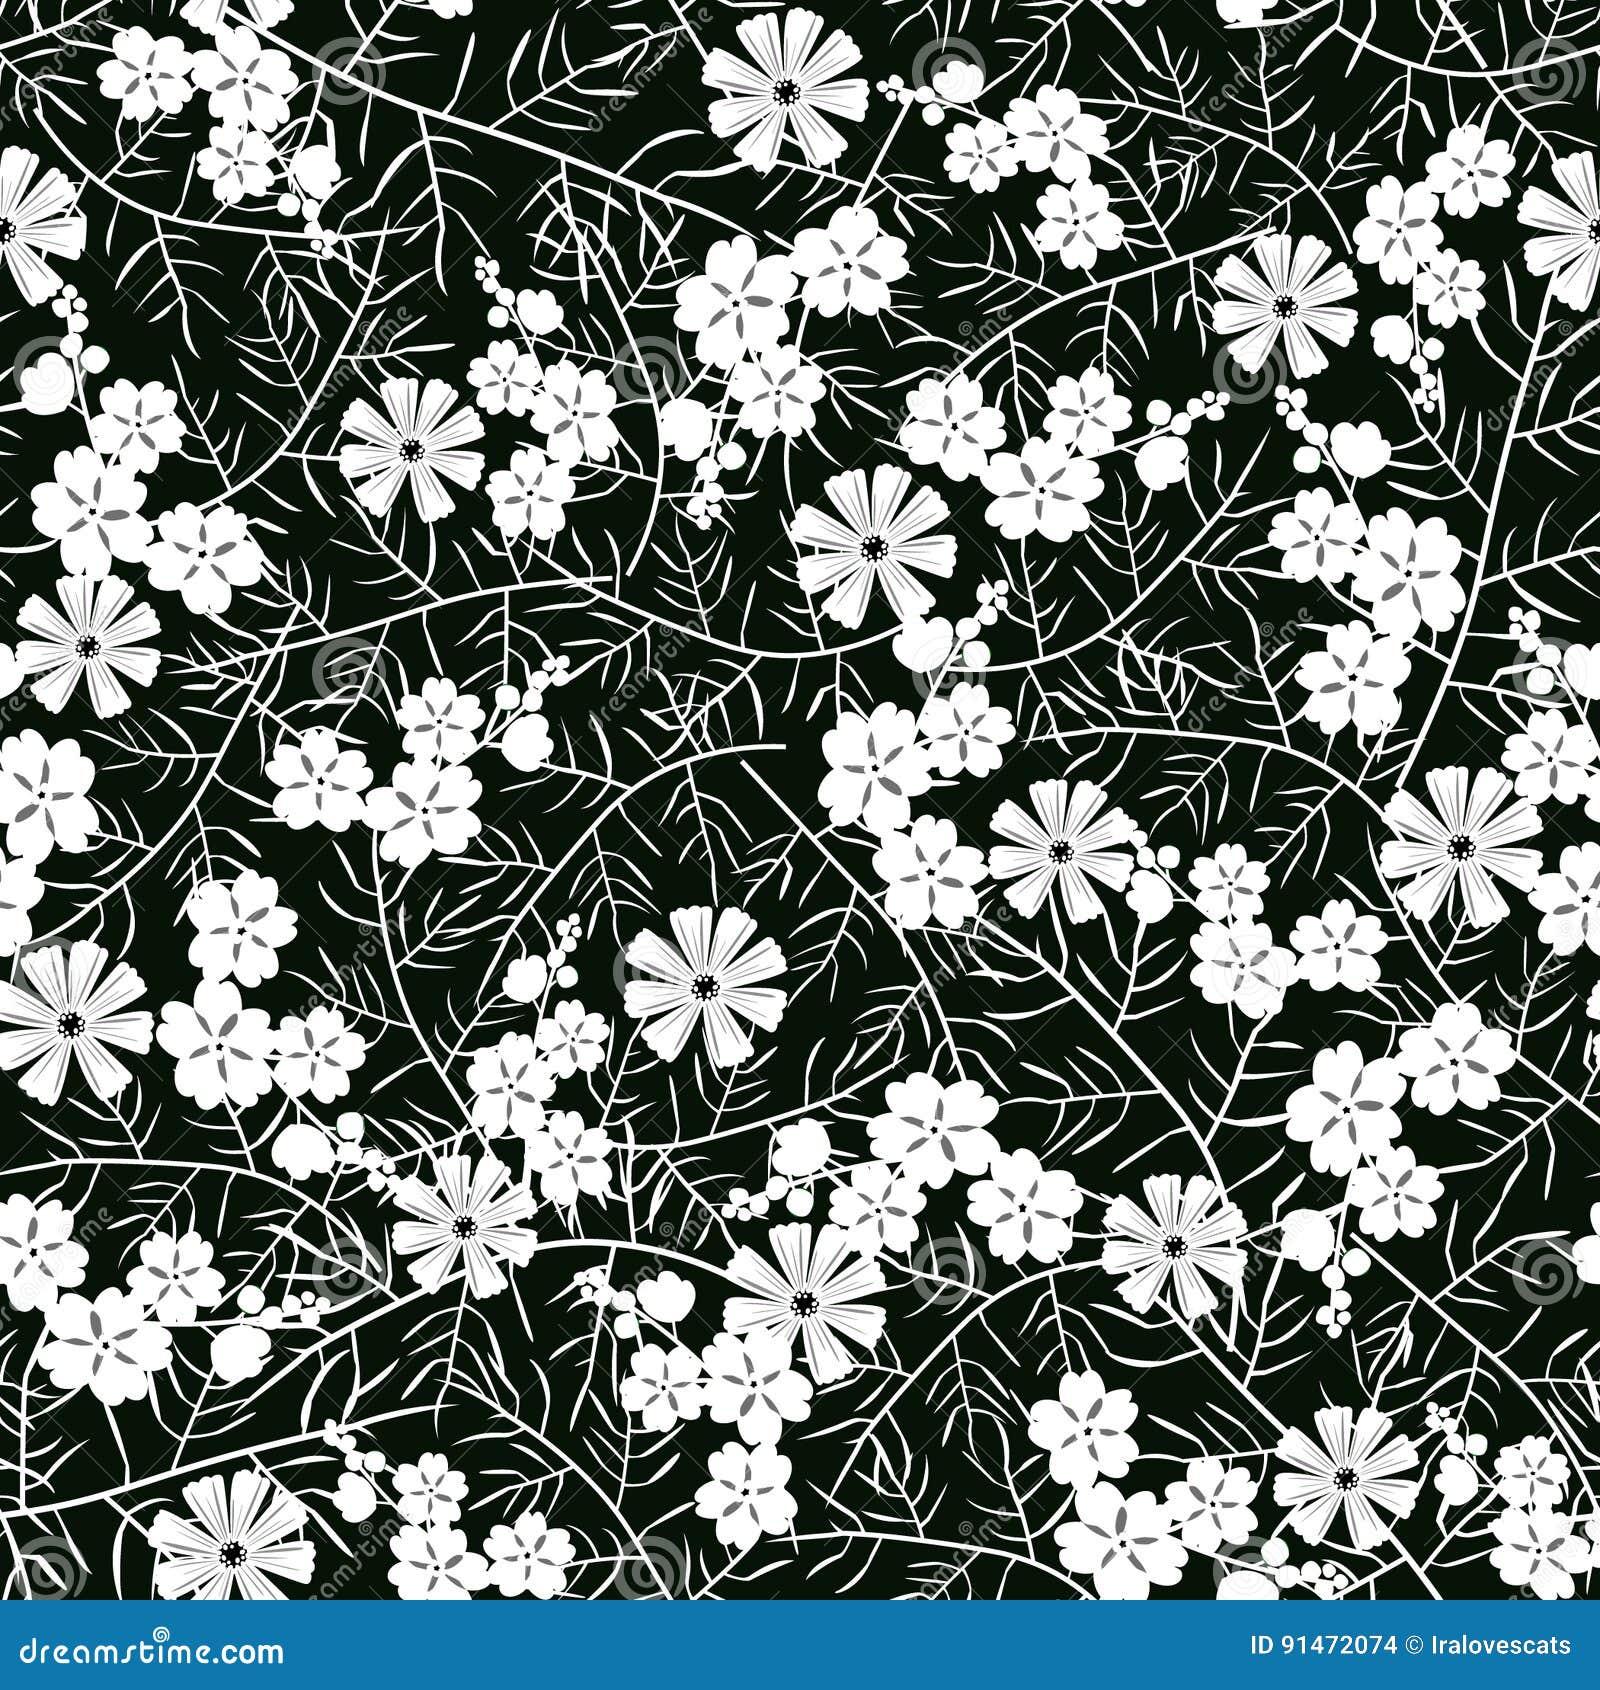 Dirigez L Illustration Du Modele De Fleur Blanc Et Noir Sans Couture